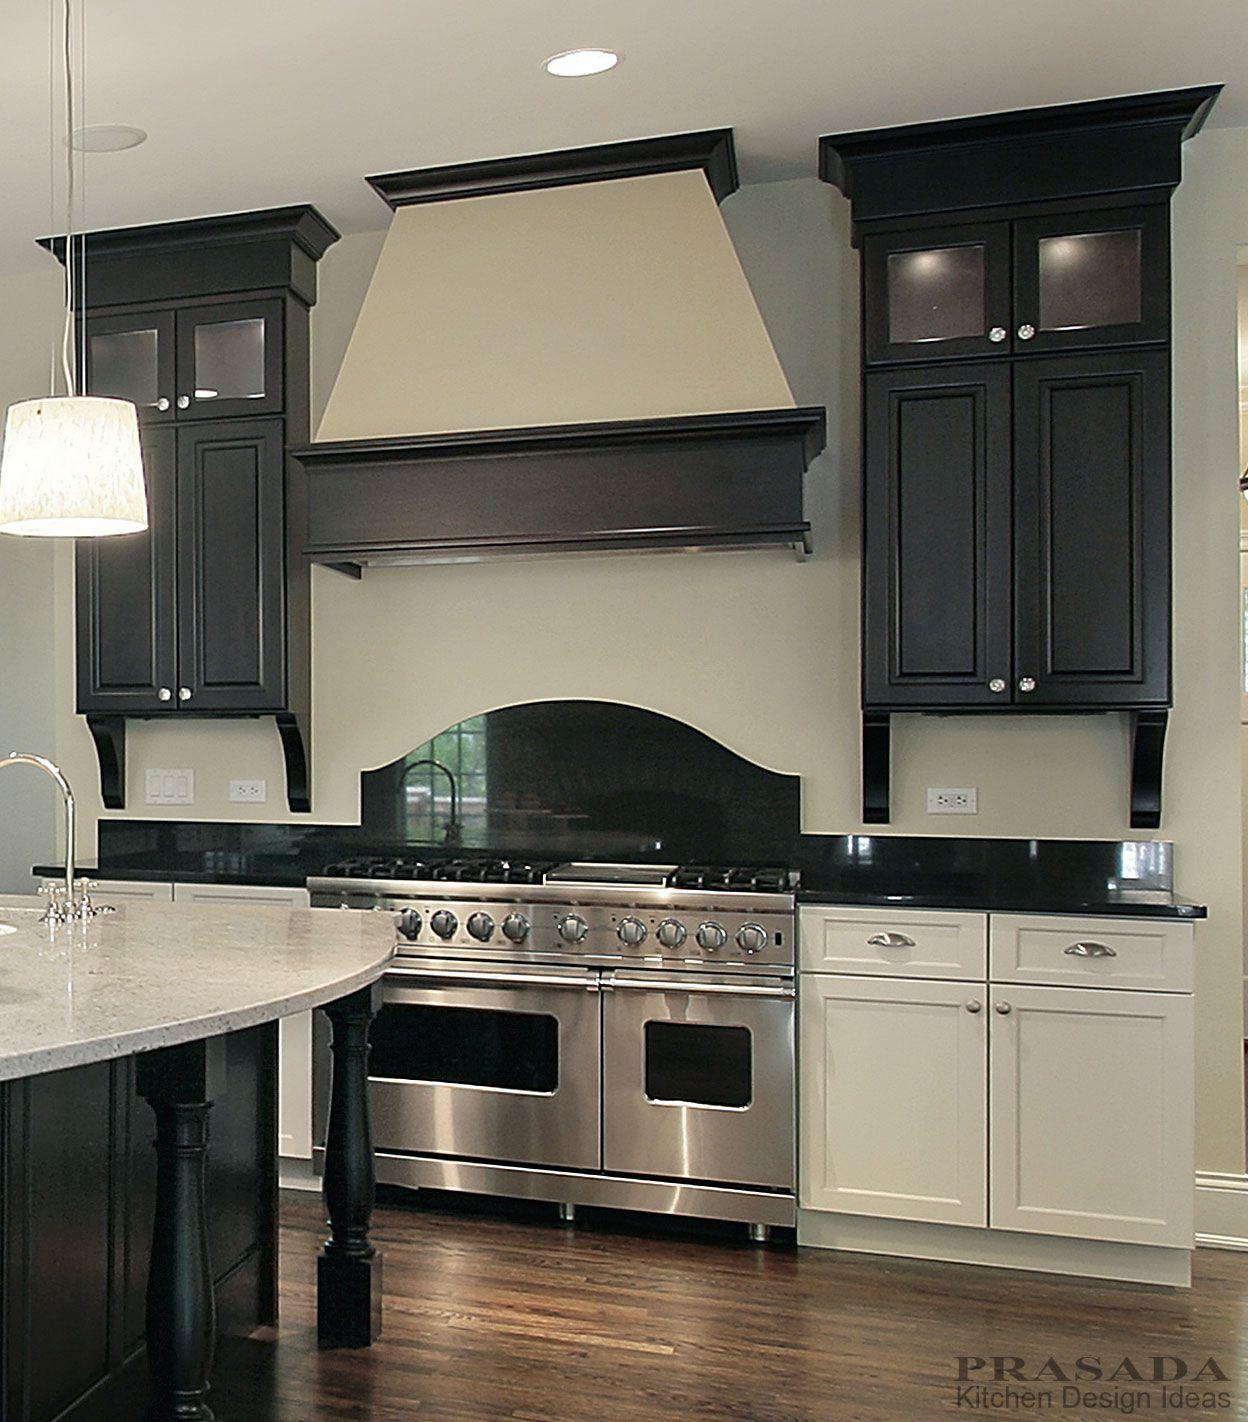 Prasada Kitchens And Fine Cabinetry: Kitchen Design, Kitchen Inspiration